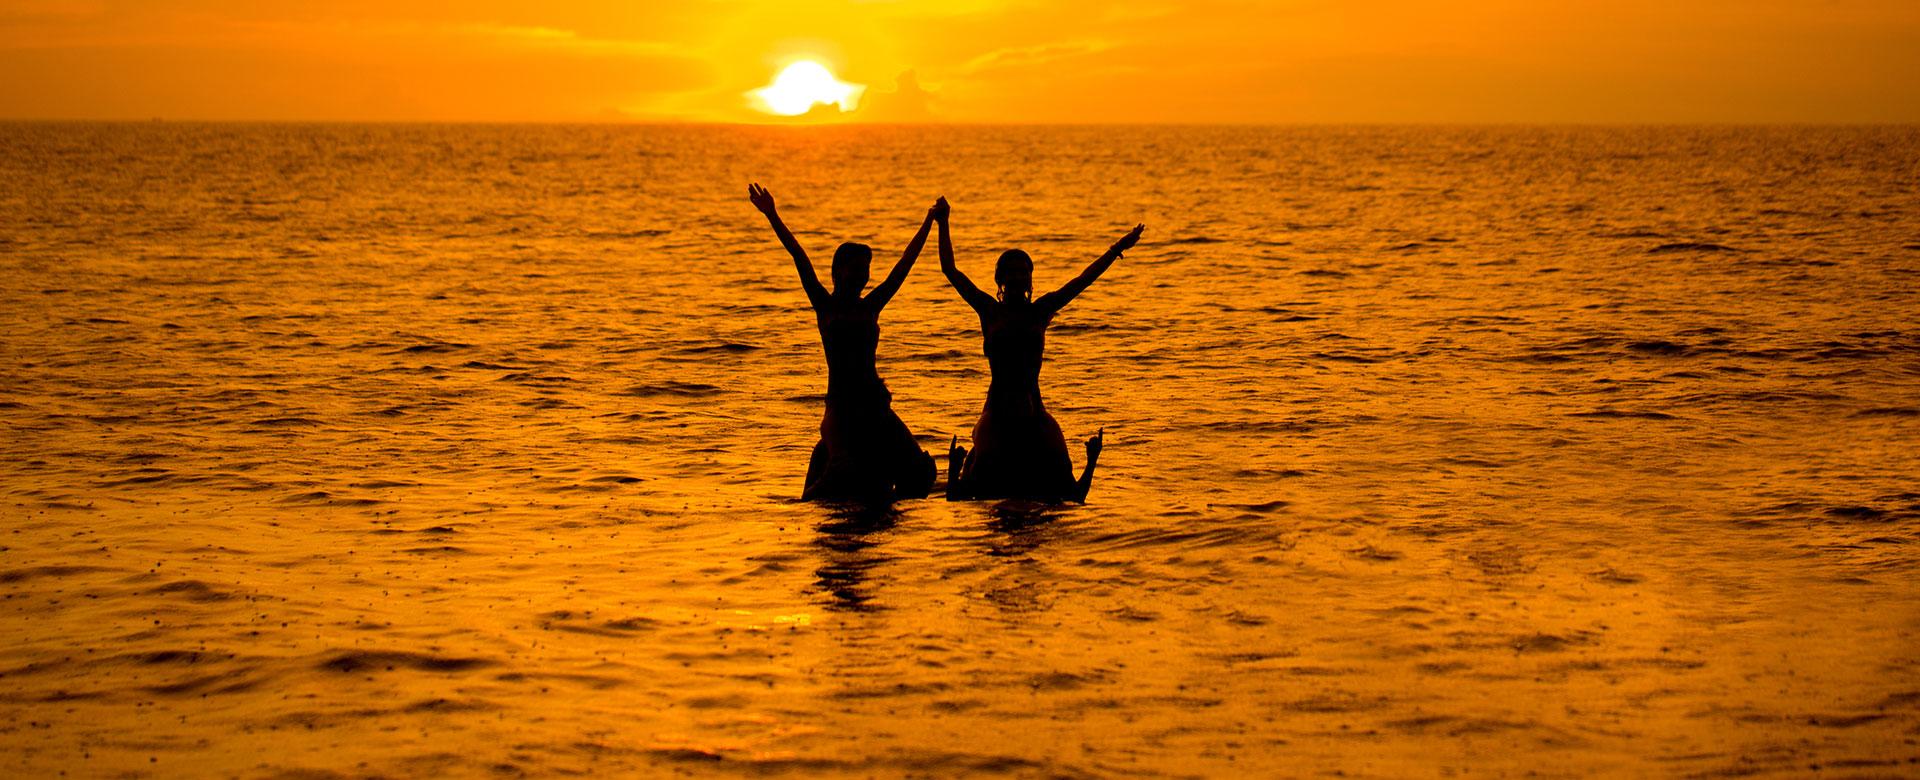 21-Over-View-Baba-Beach-Club-Phuket-Khok-Kloi-Best-Luxury-Beach-resort-Hotel